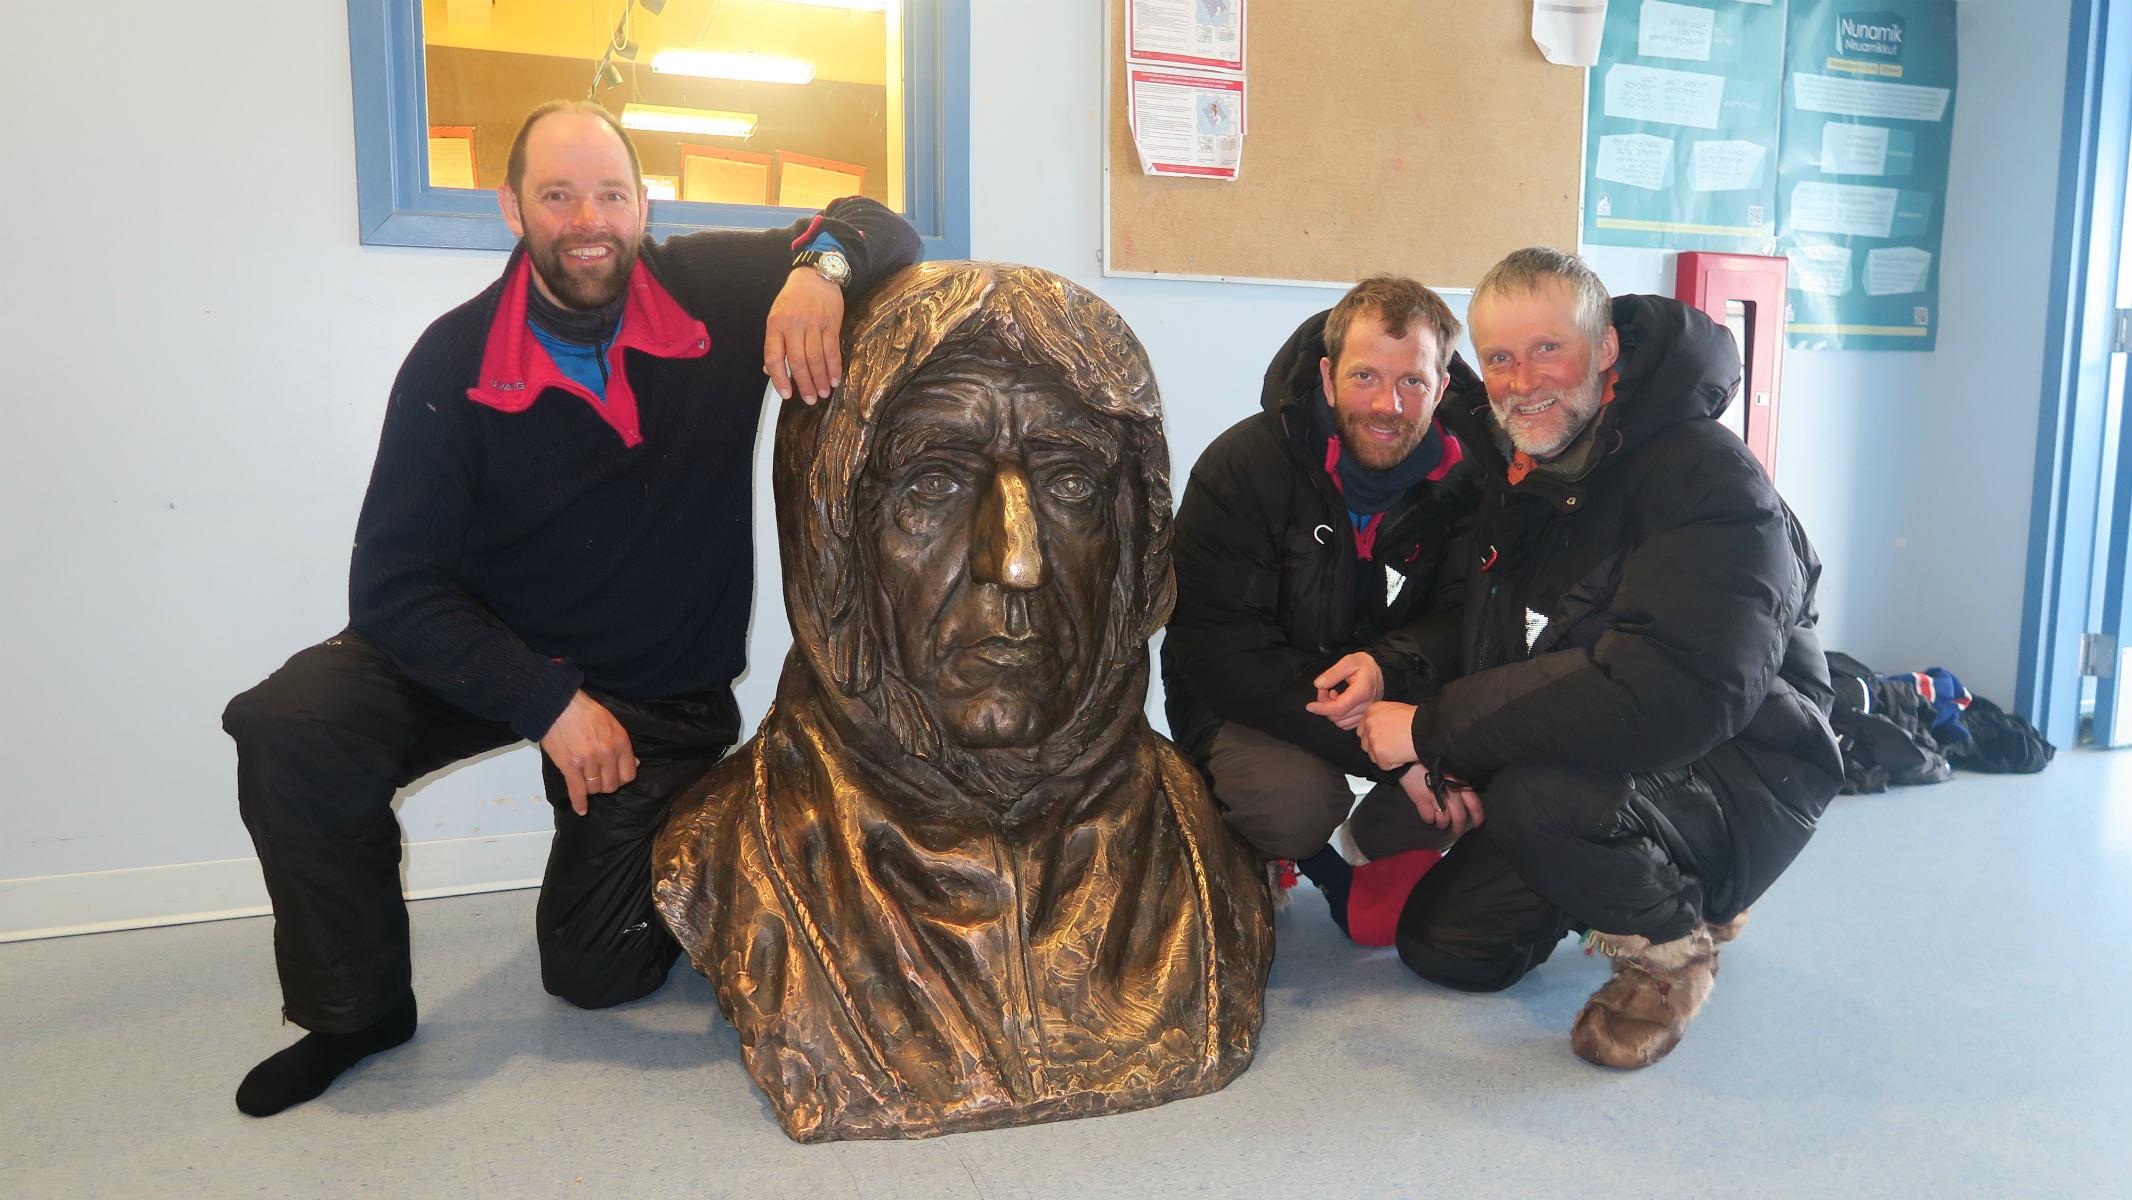 Tre menn sitter på huk rundt en byste av Roald Amundsen